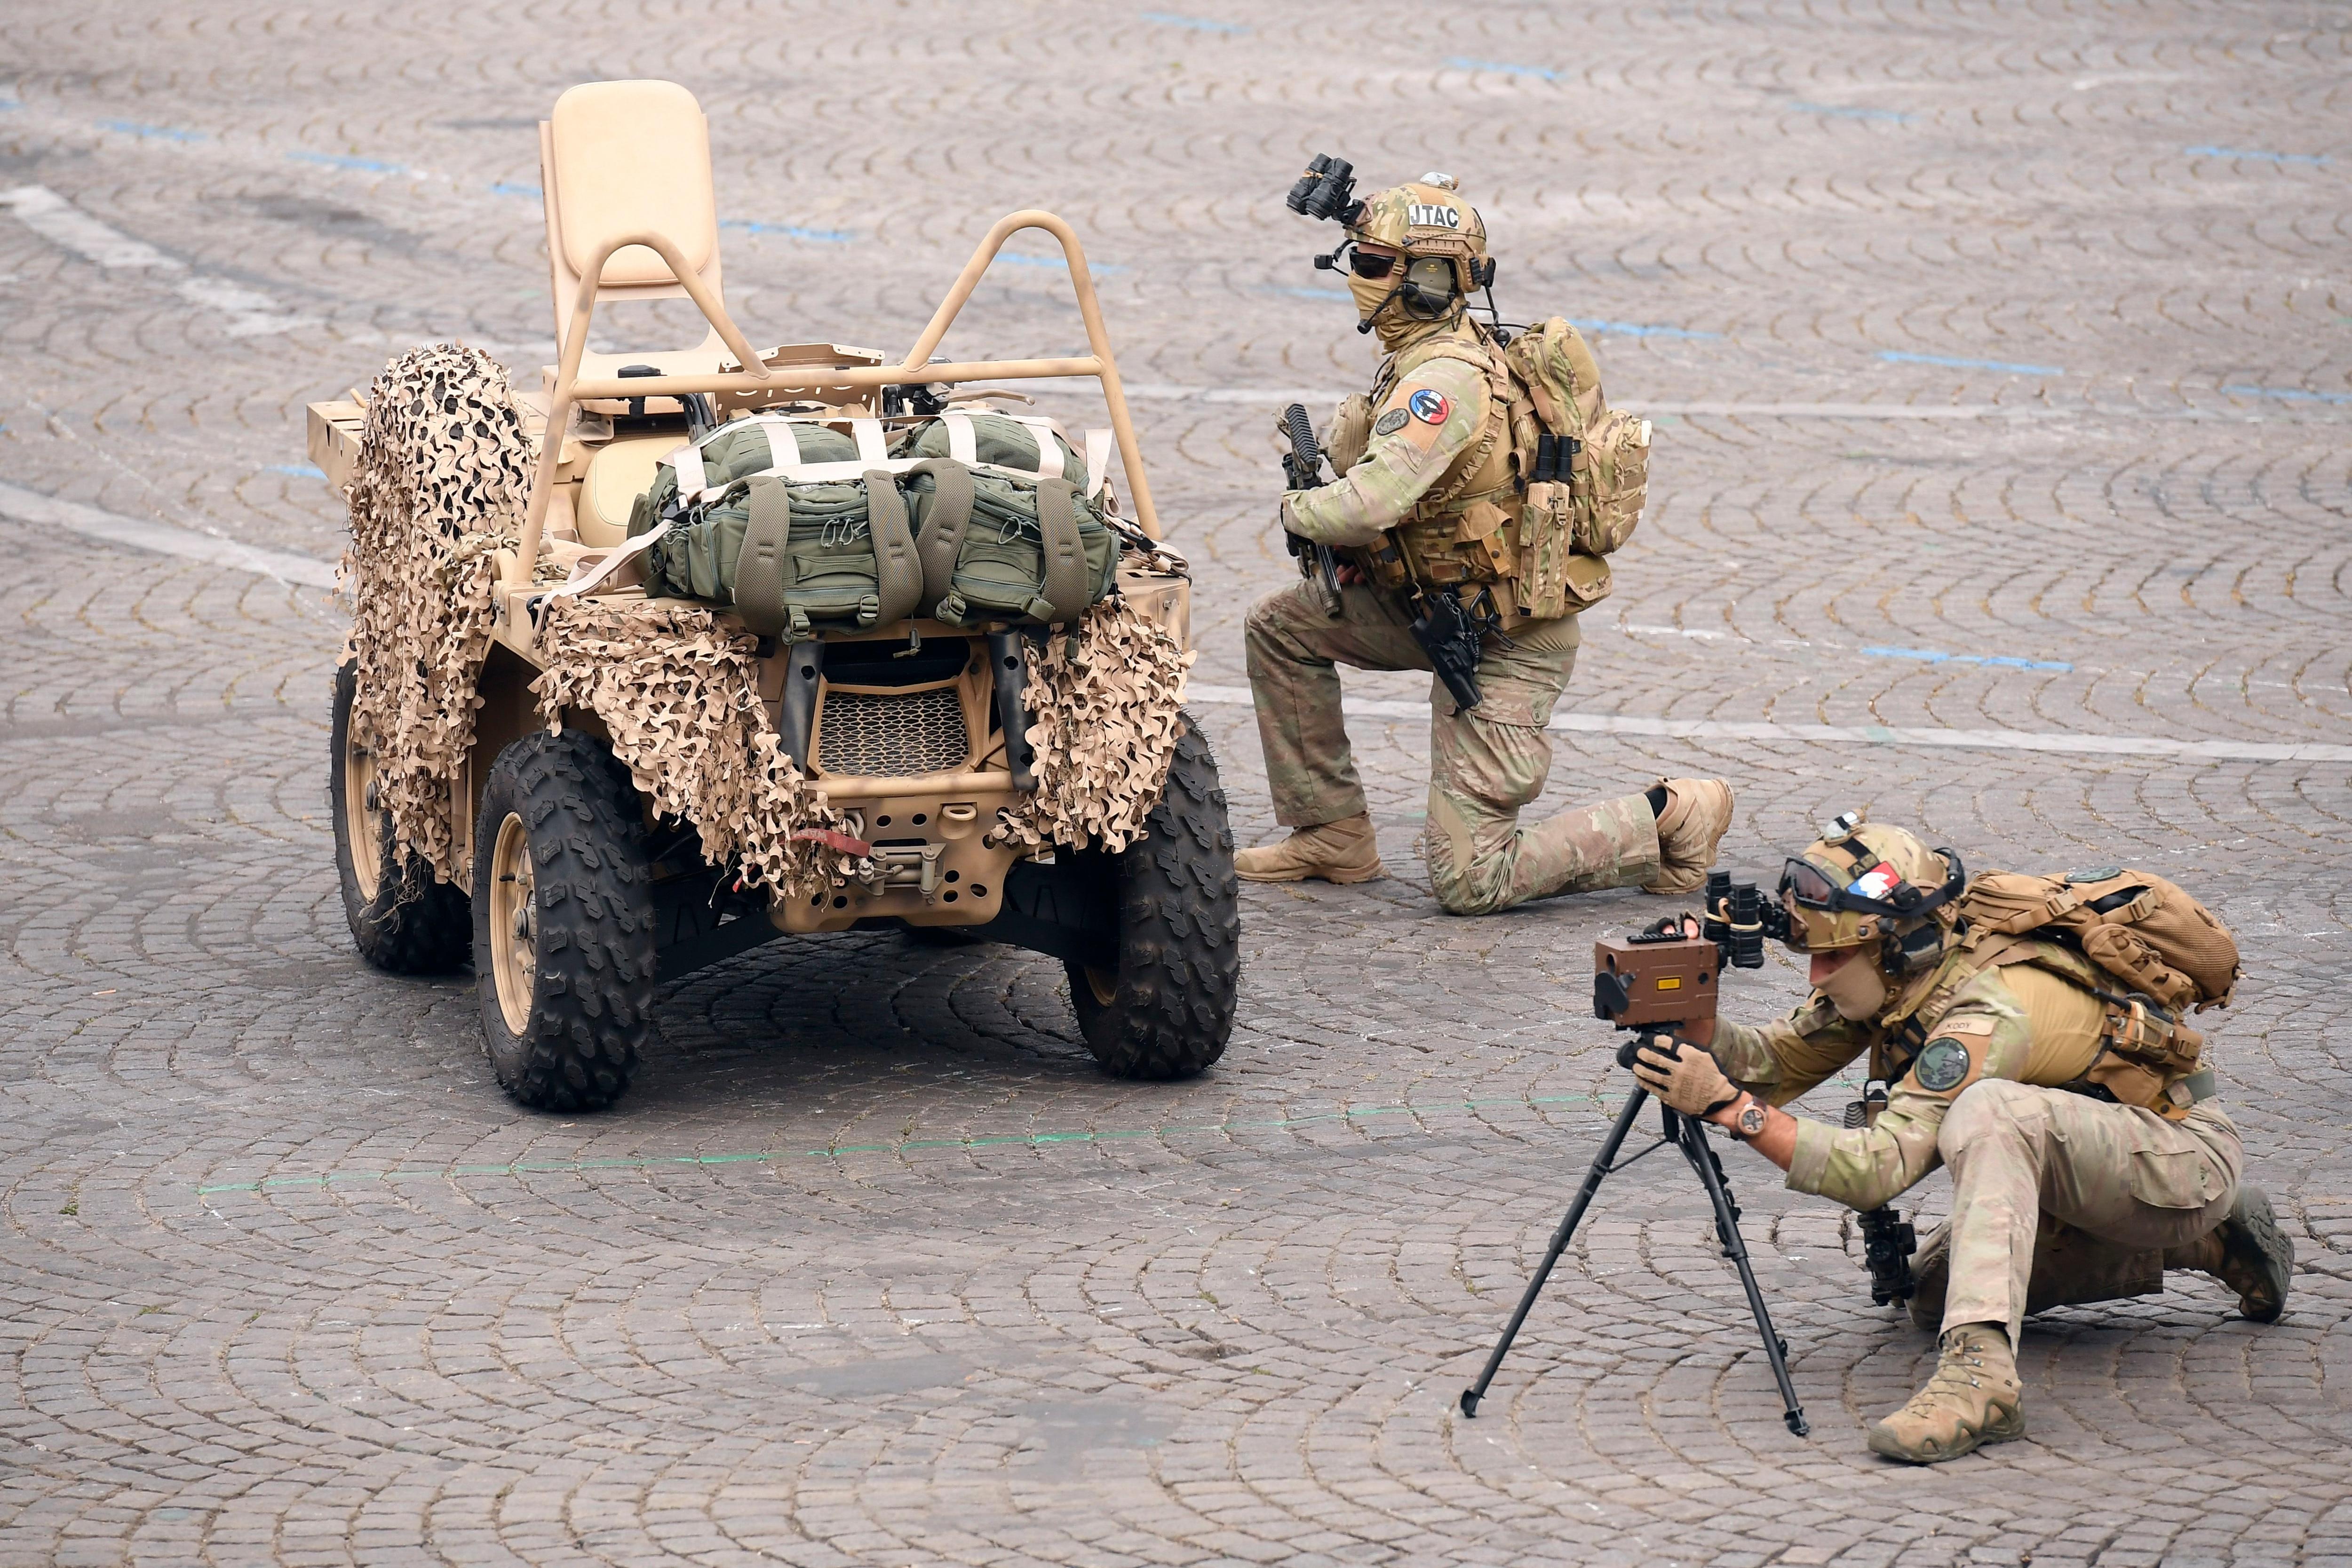 Soldados franceses ejecutan un ejercicio con equipo de no especificado durante el desfile (Lionel BONAVENTURE / AFP)